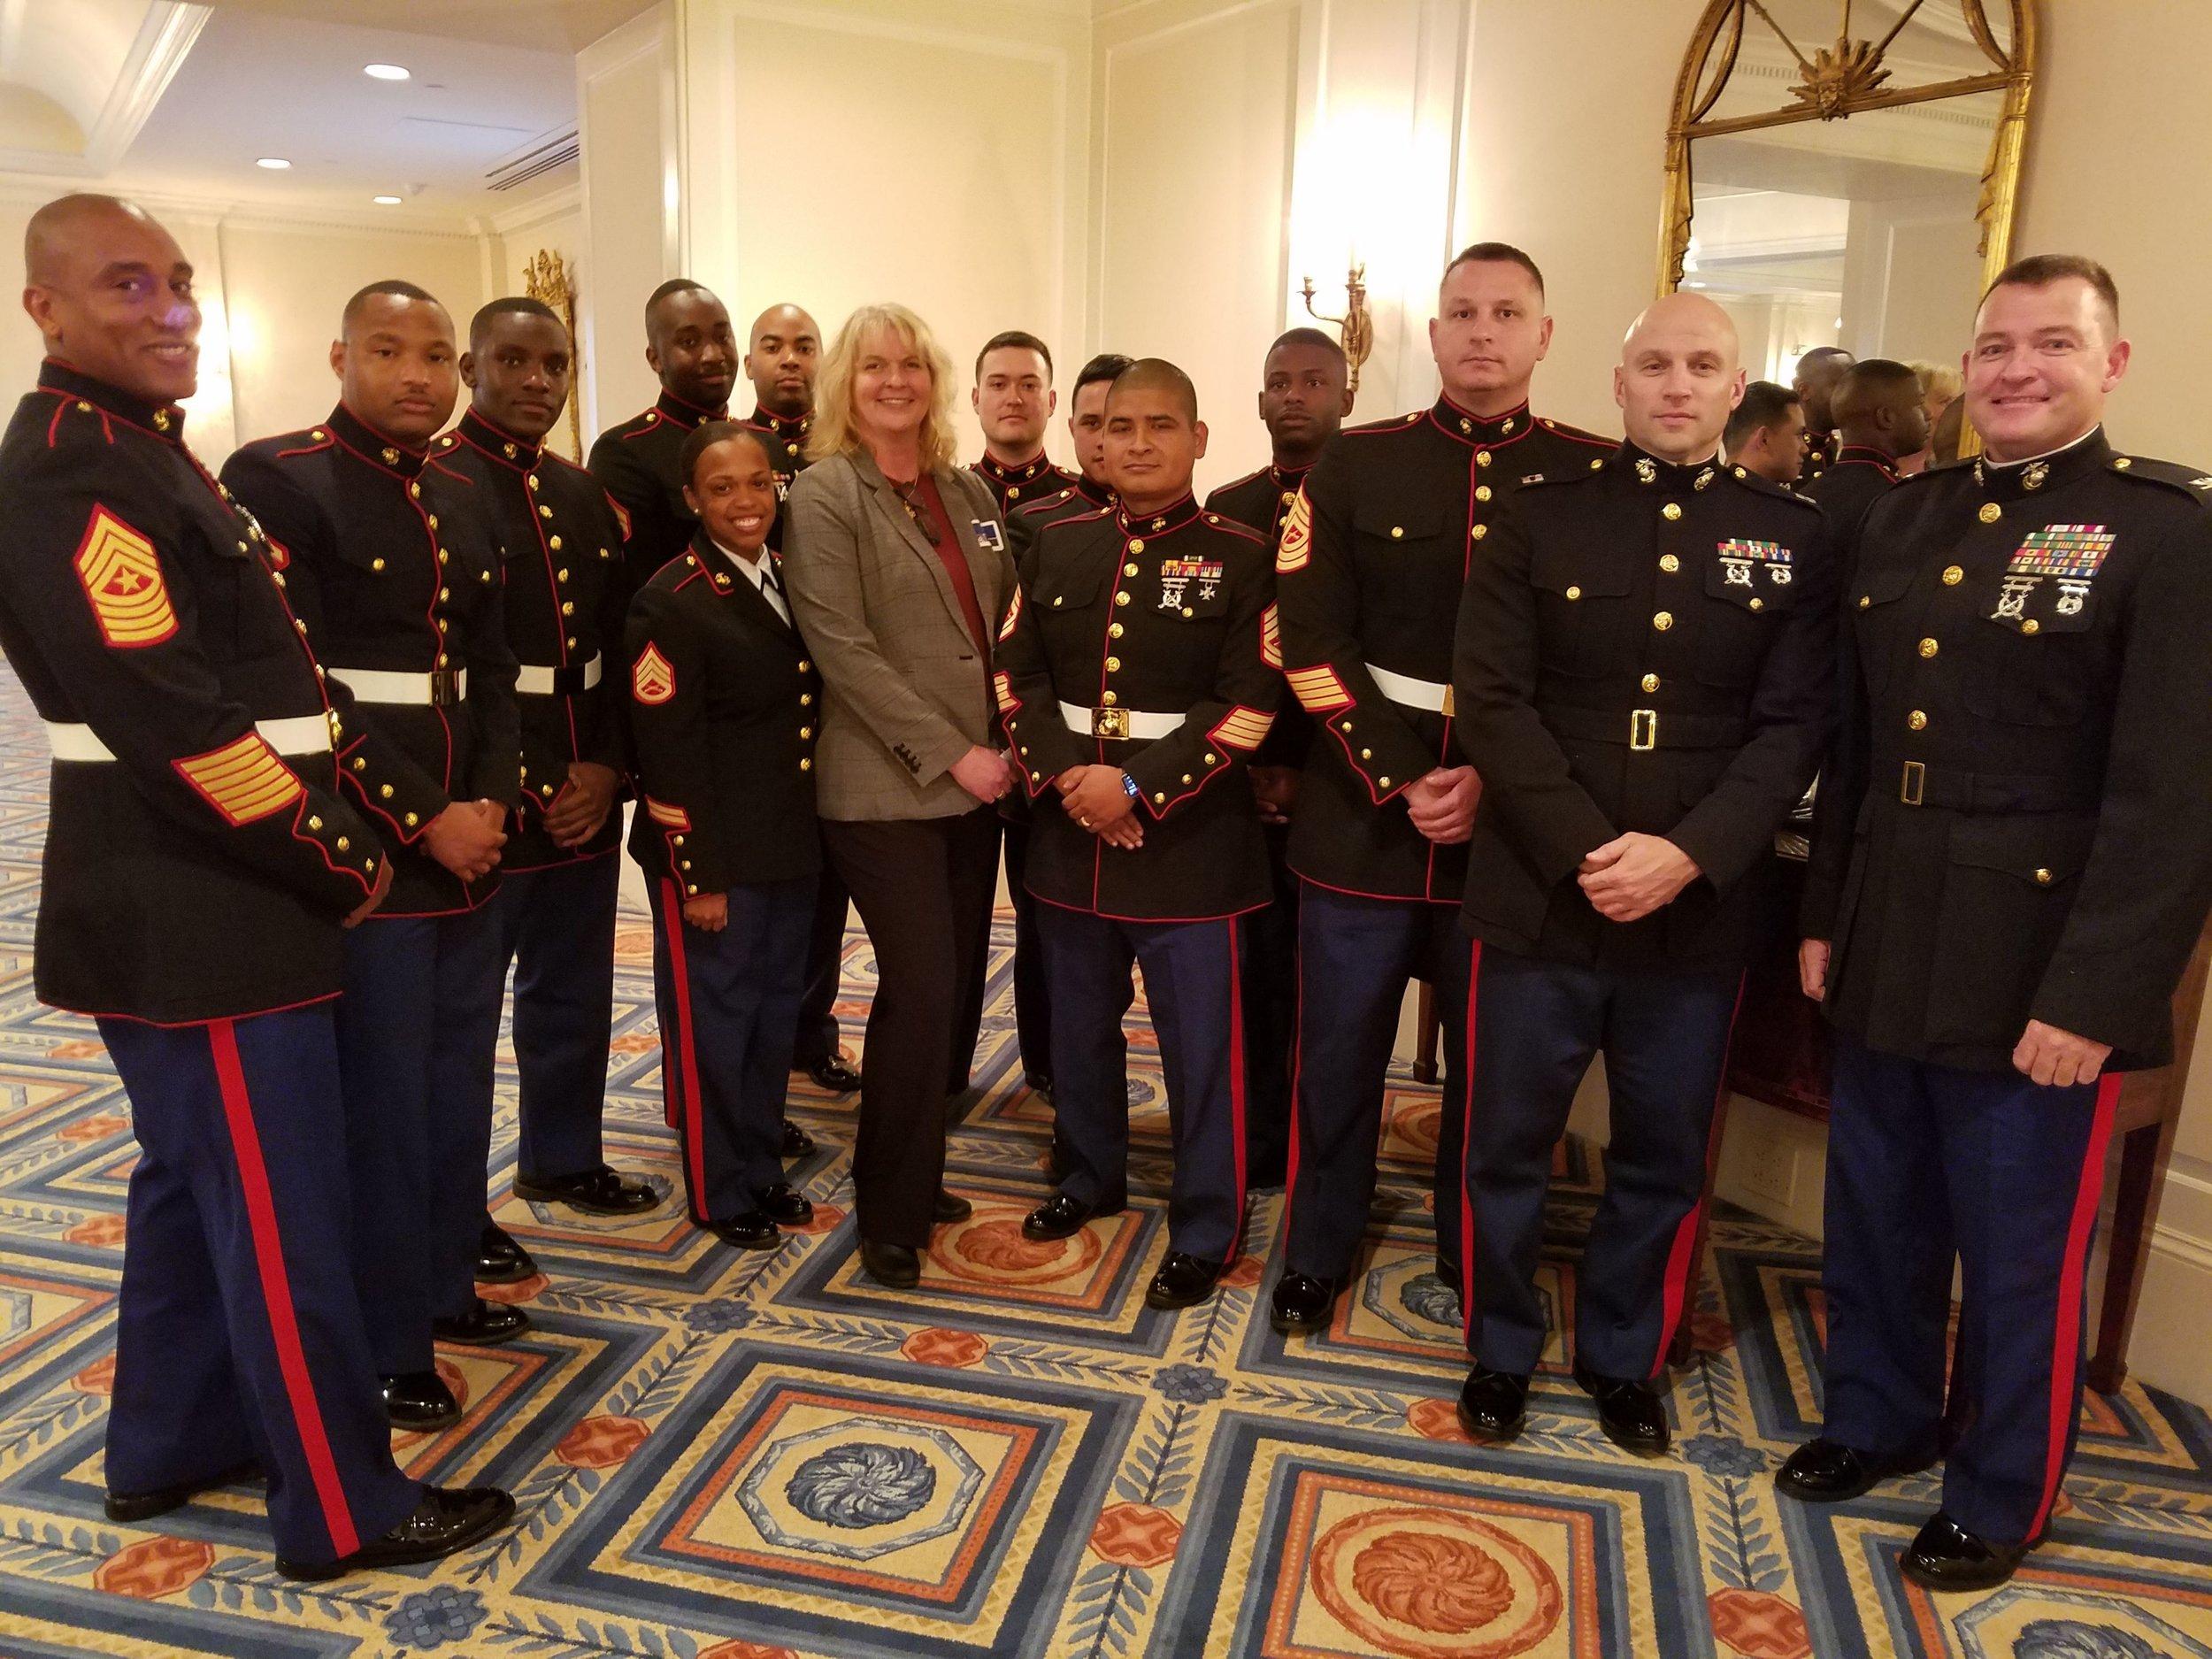 USMC Birthday 2018 - 2018-11-09 19.04.39 (Betsy S.).jpg